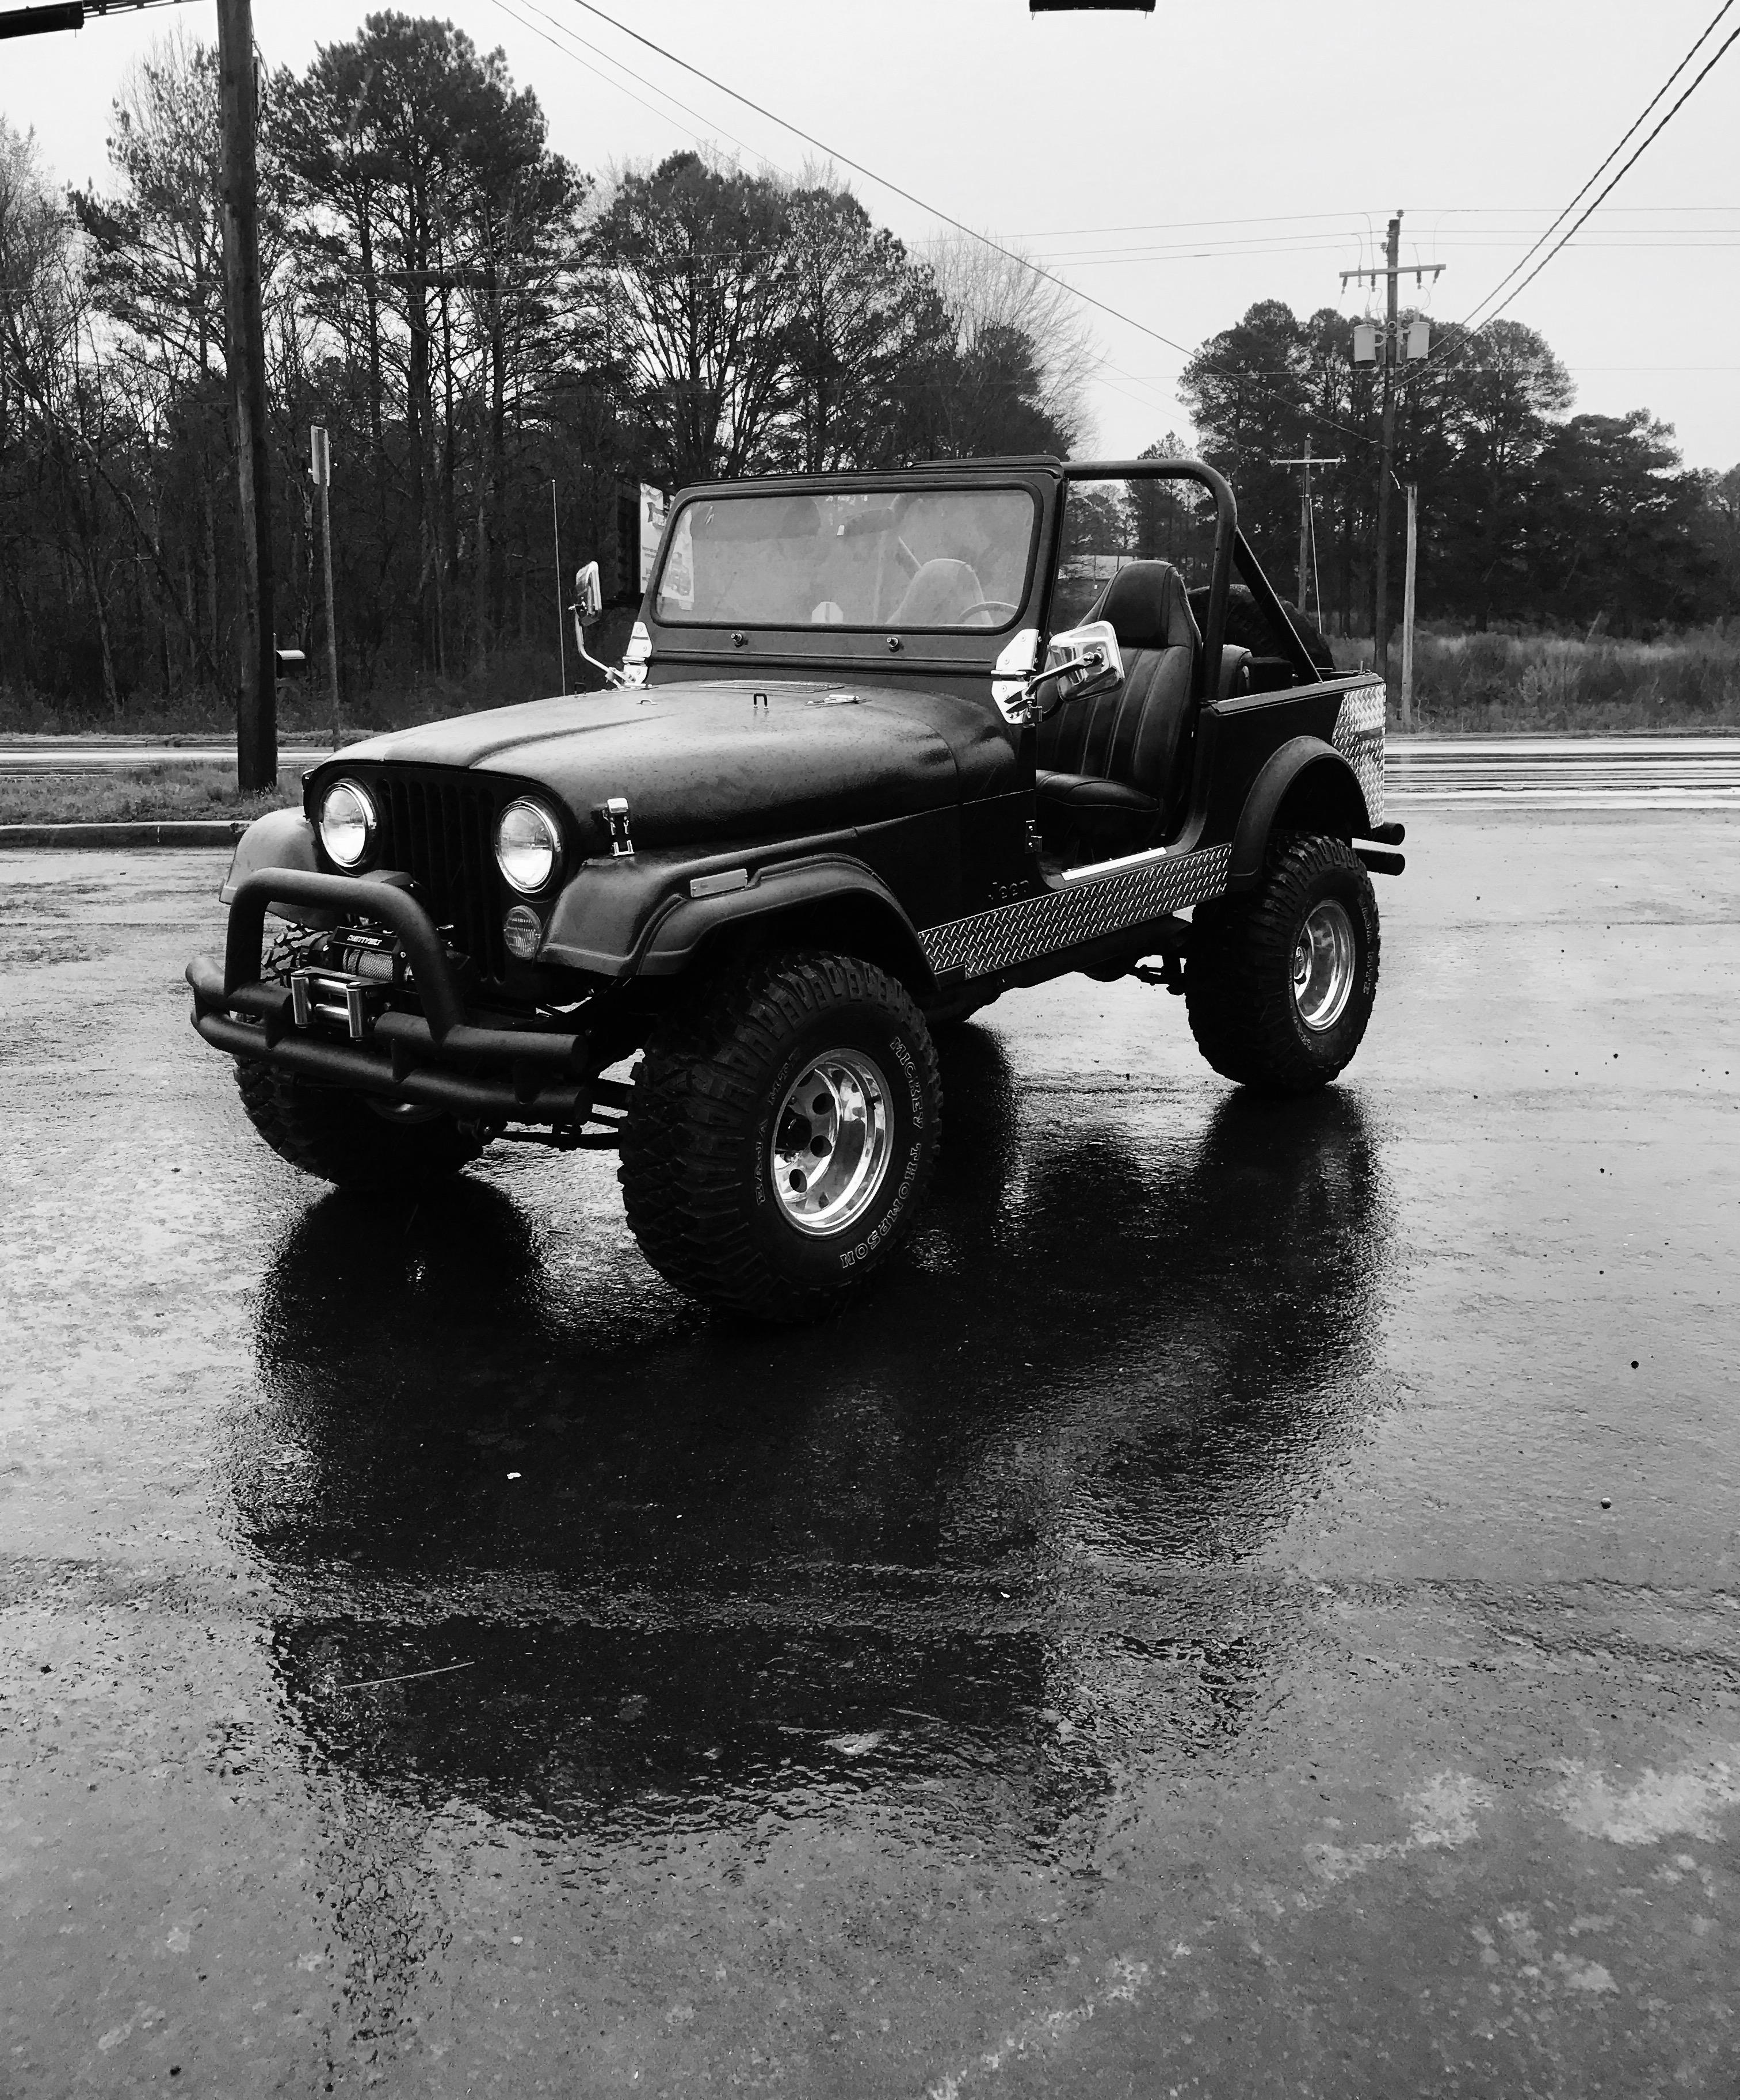 1981 CJ7 - Black Thumbnail